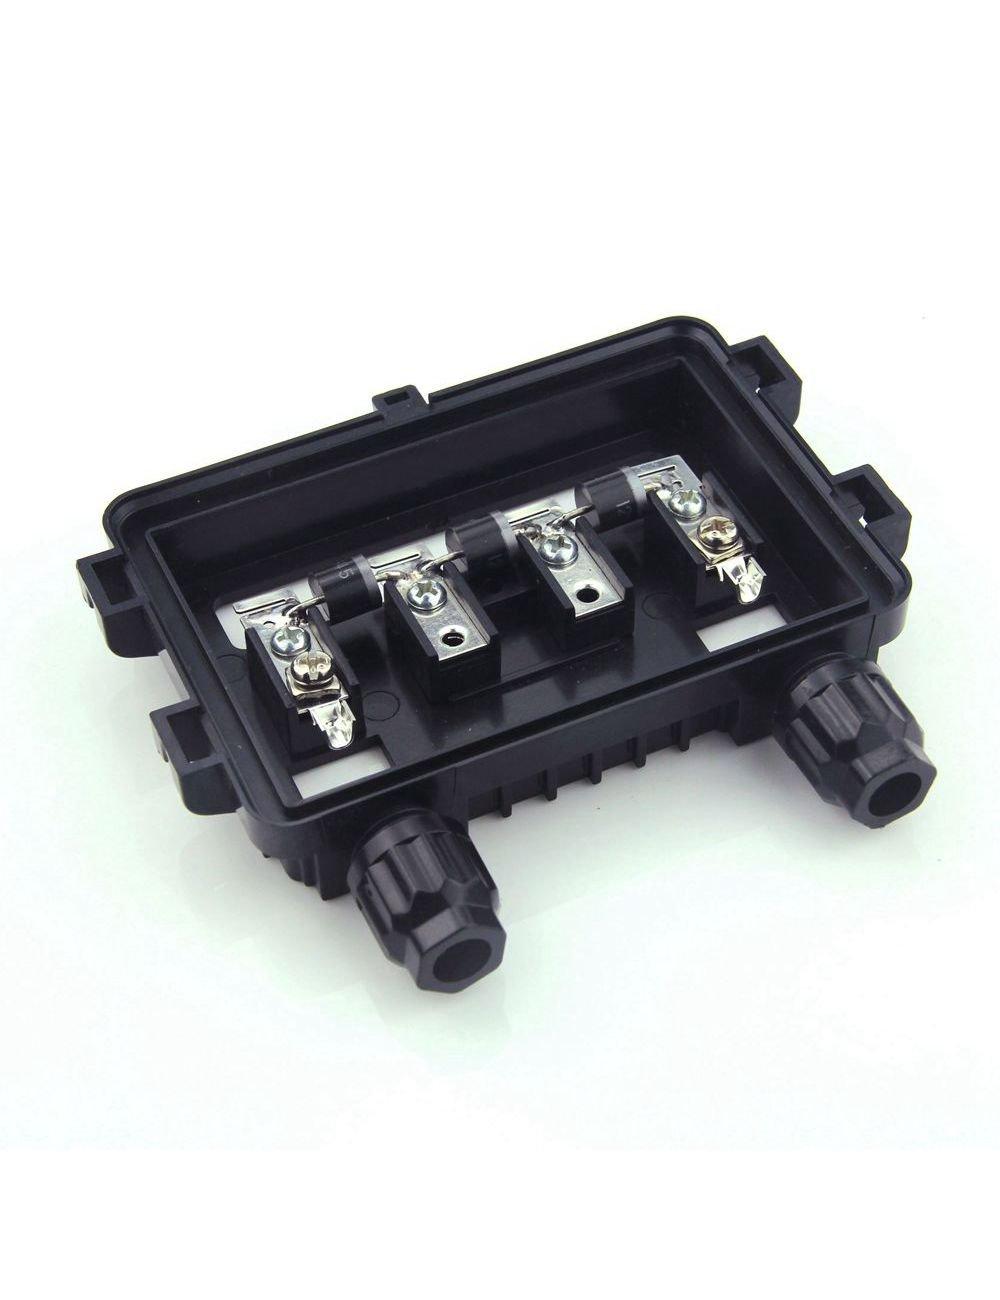 Vikocell 8.5A caja de conexió n solar de 100W-180W caja de conexió n de IP65 PV con 3 diodos